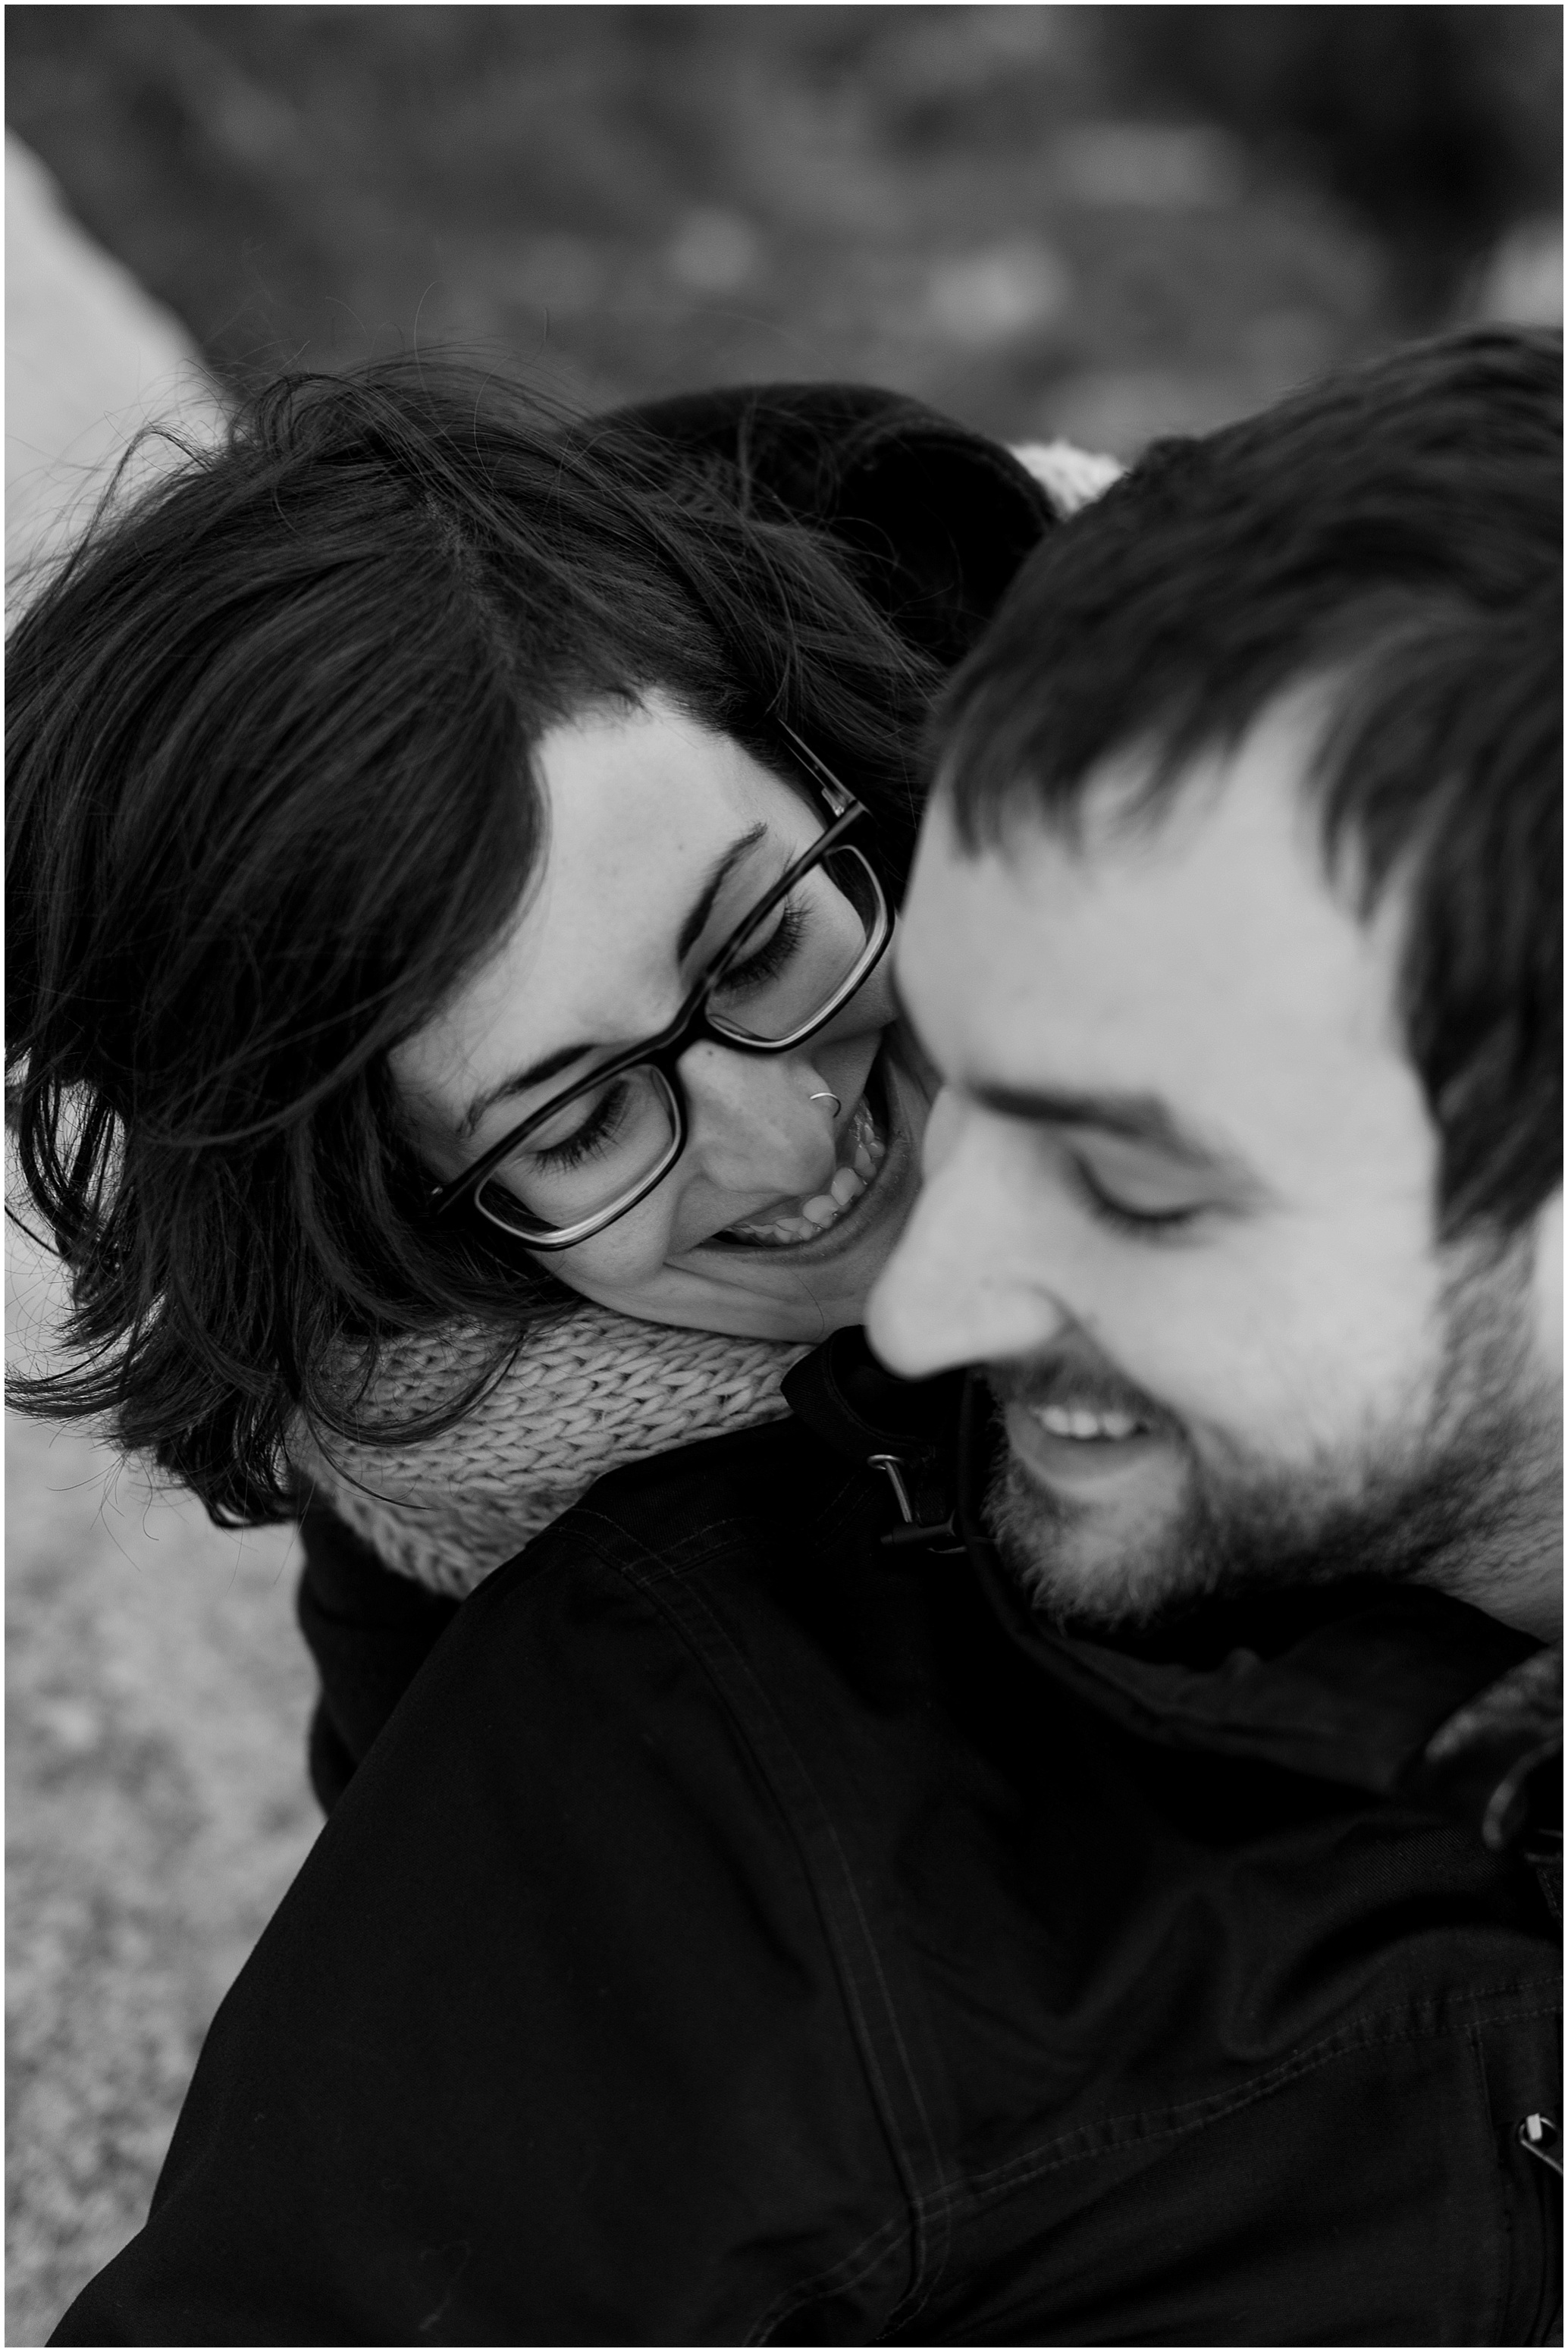 Hannah Leigh Photography bunquers del carmel barcelona spain_3147.jpg